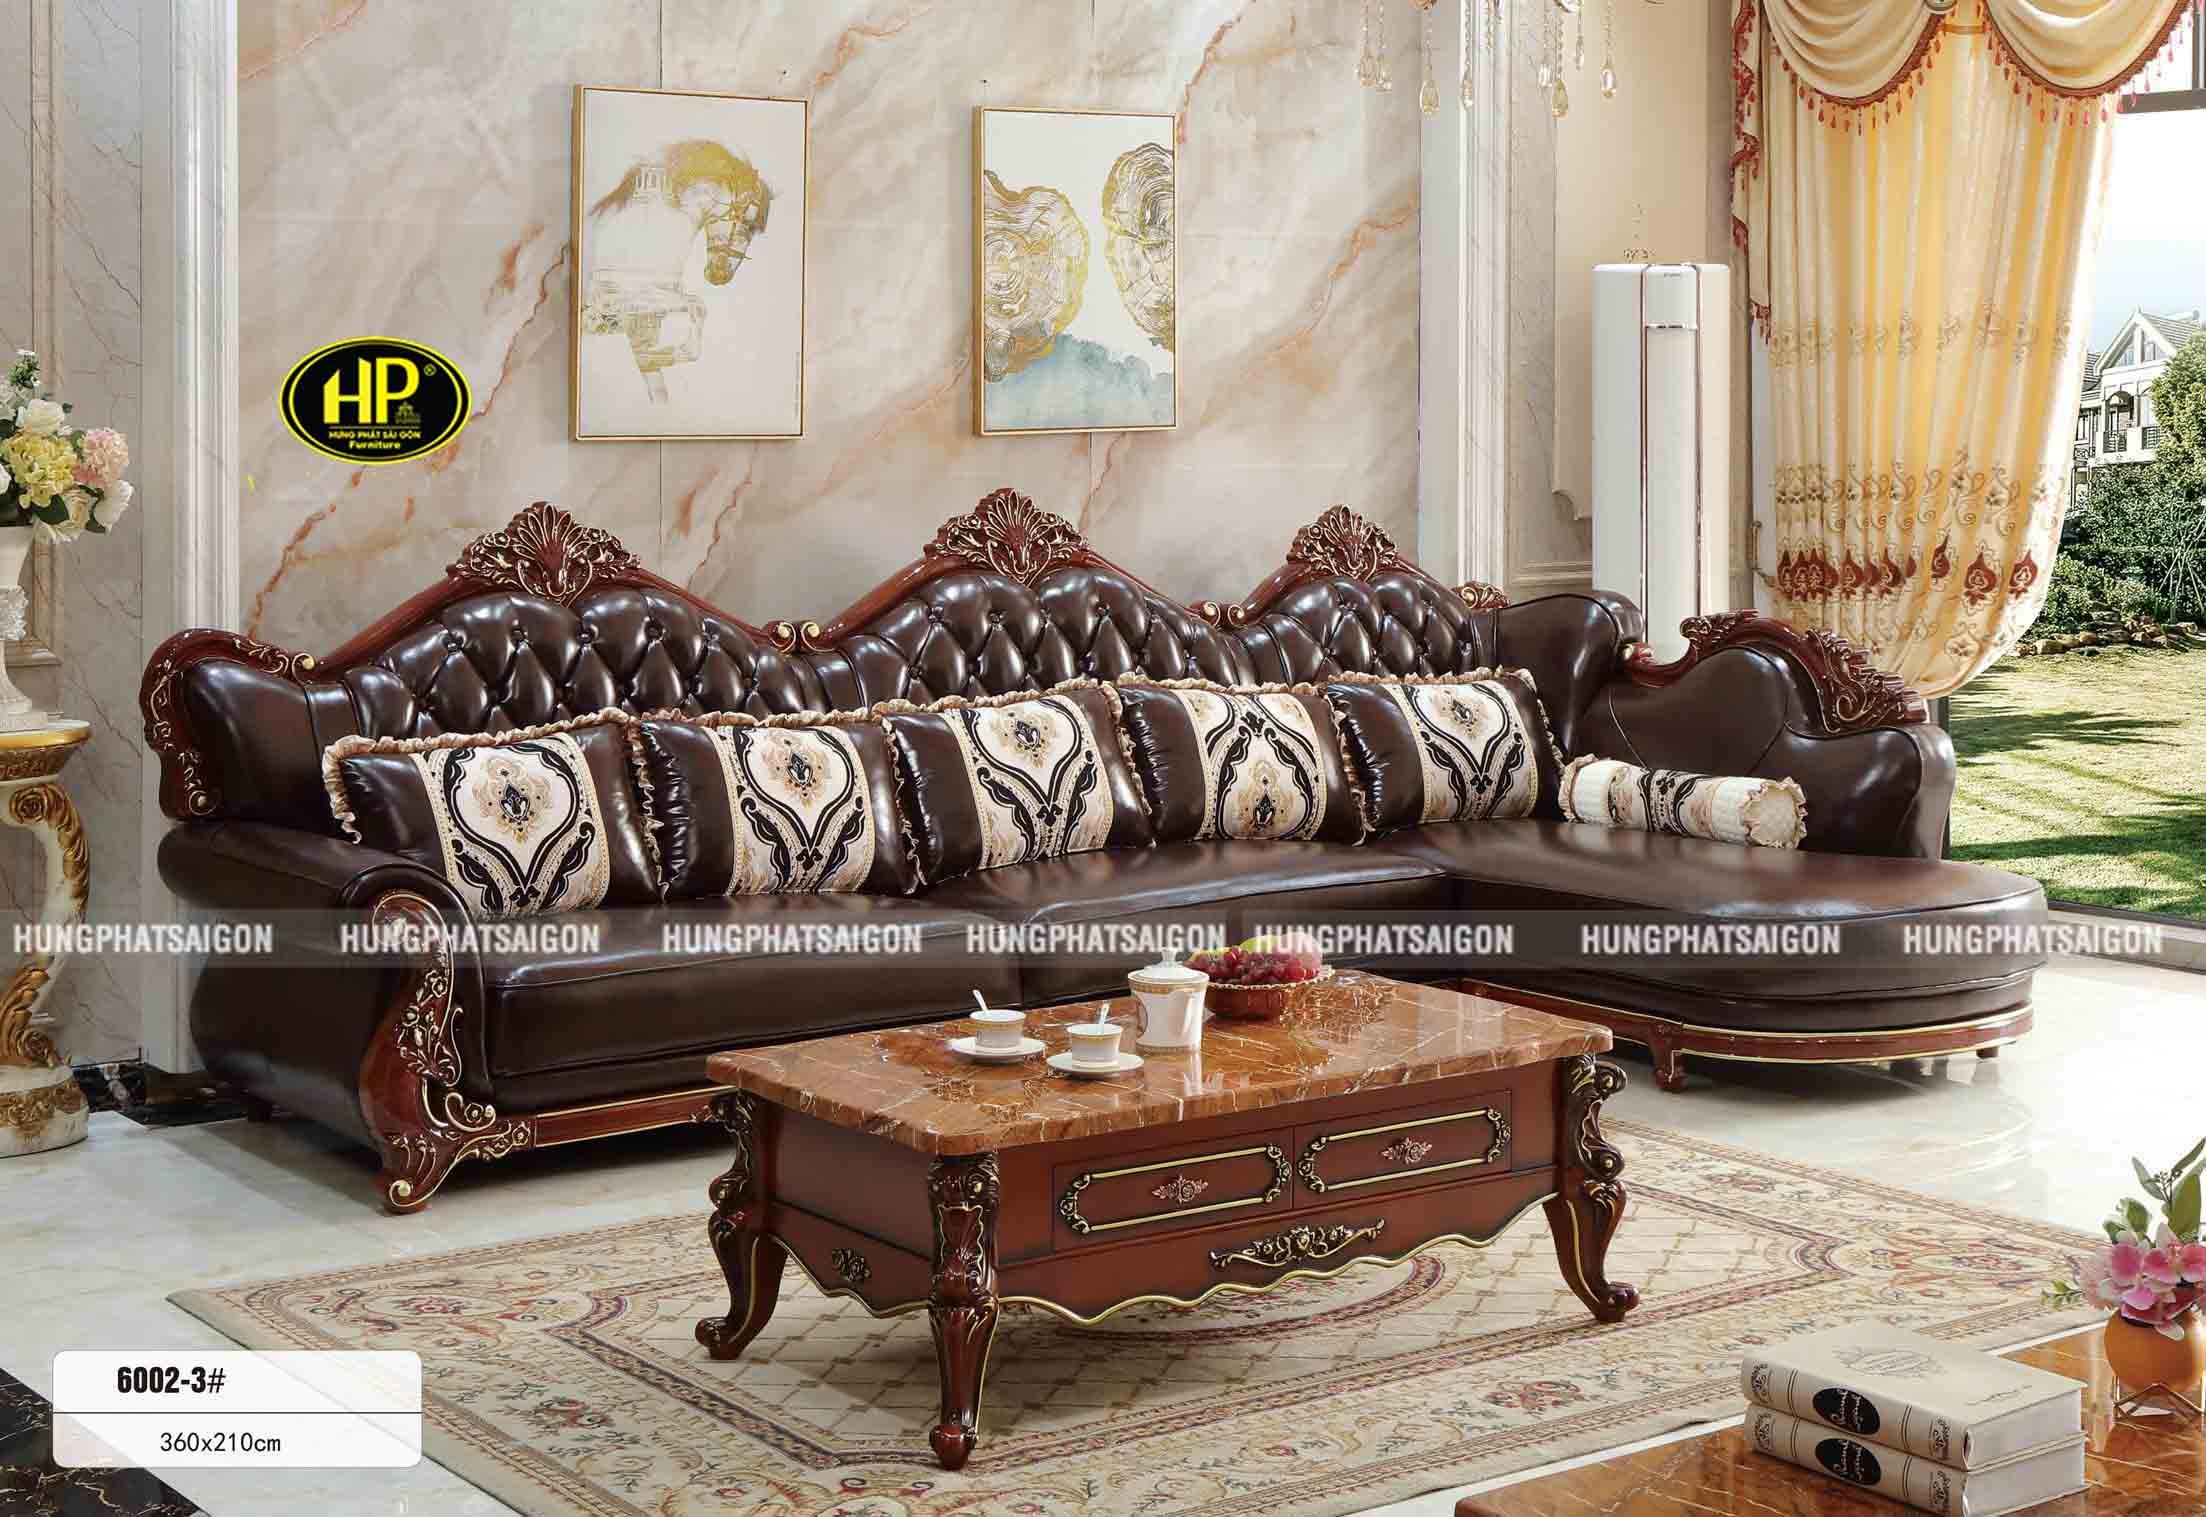 Sofa Tân Cổ Điển Góc L Nhập Khẩu TP-6002-3